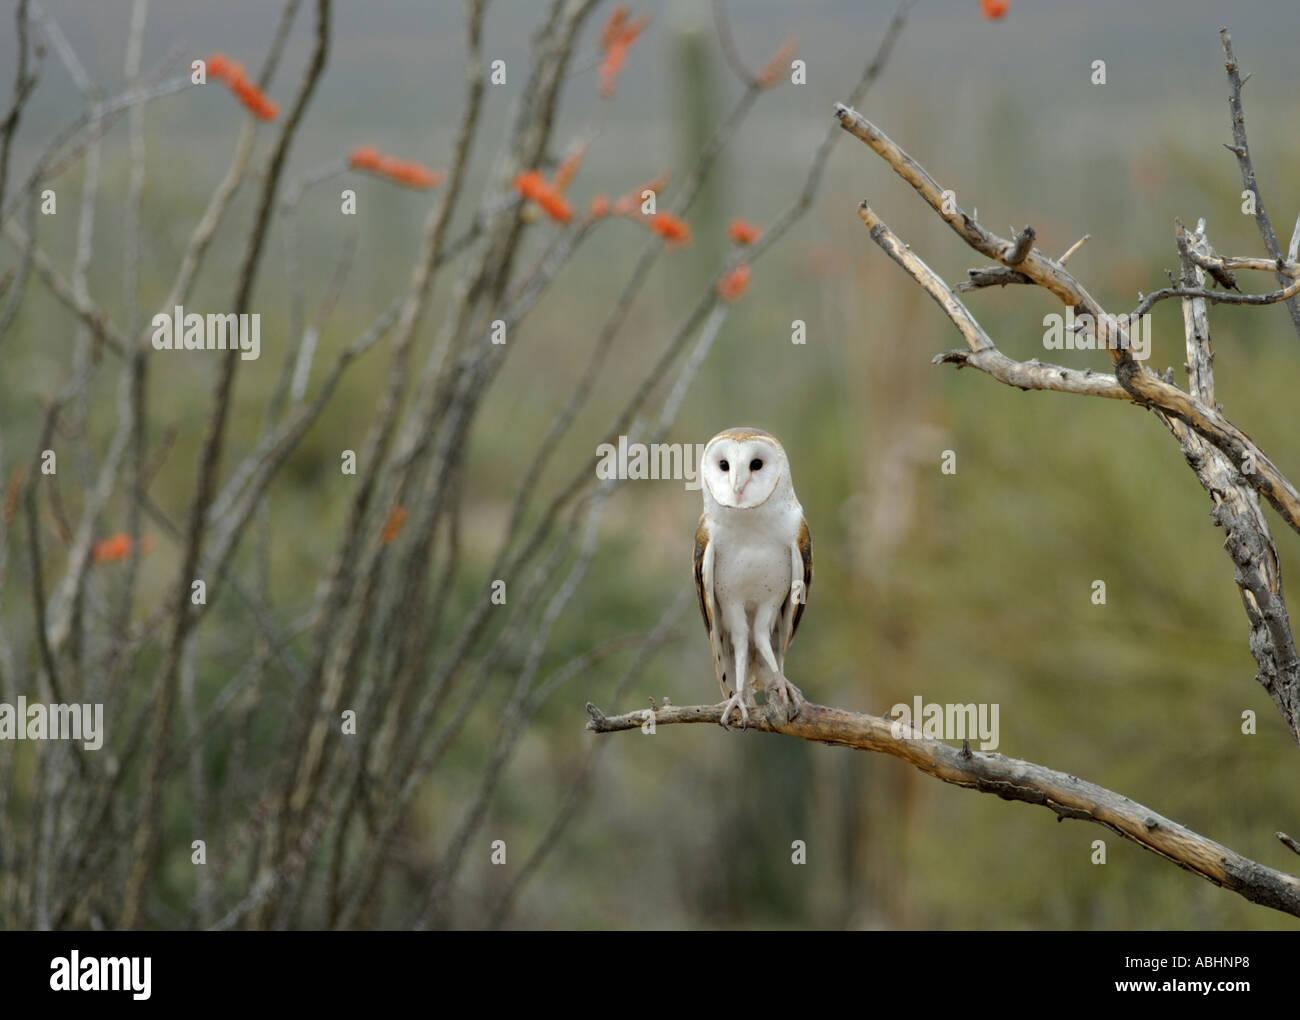 Il barbagianni, Tyto alba, appollaiato sul ramo, guardando la fotocamera Immagini Stock